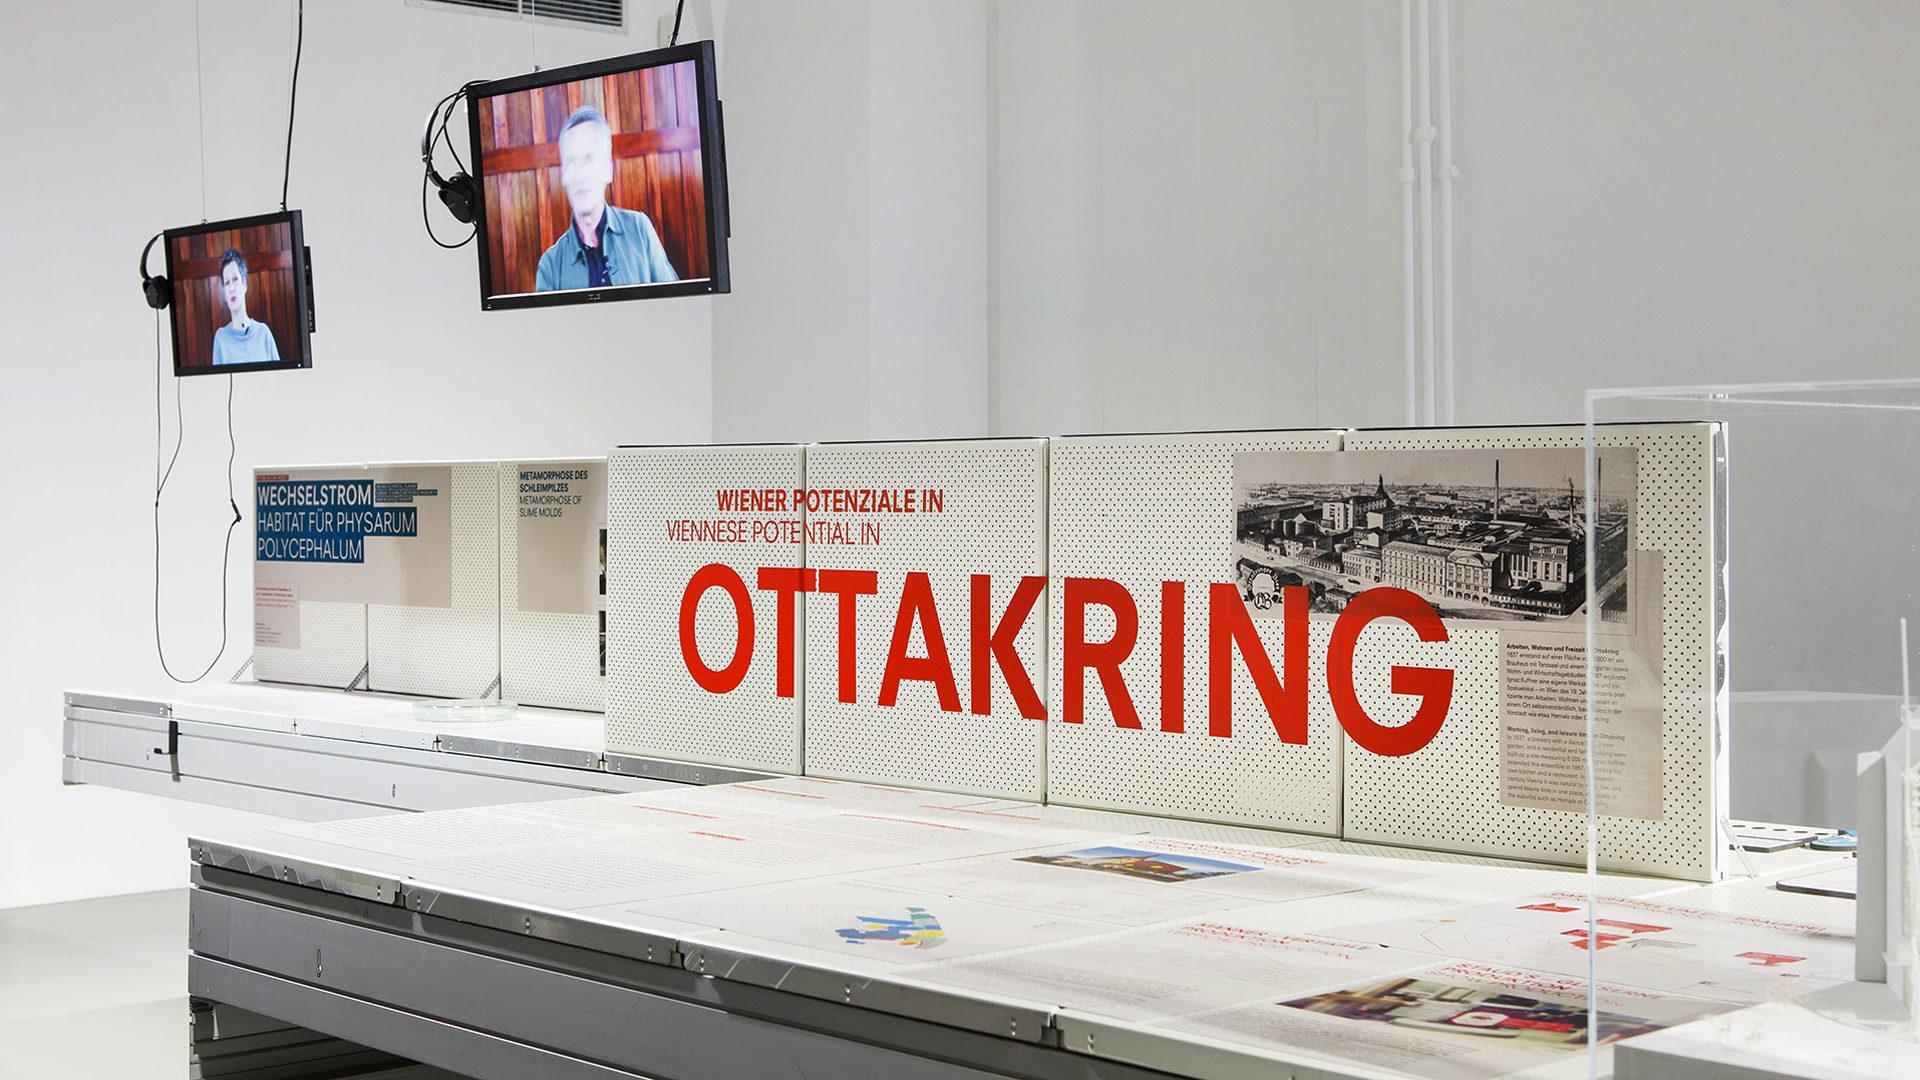 Ausstellungsansicht aus der Future Factory mit Ausstellungsdisplay und einem Projektbeispiel von urbaner Produktion in Wien